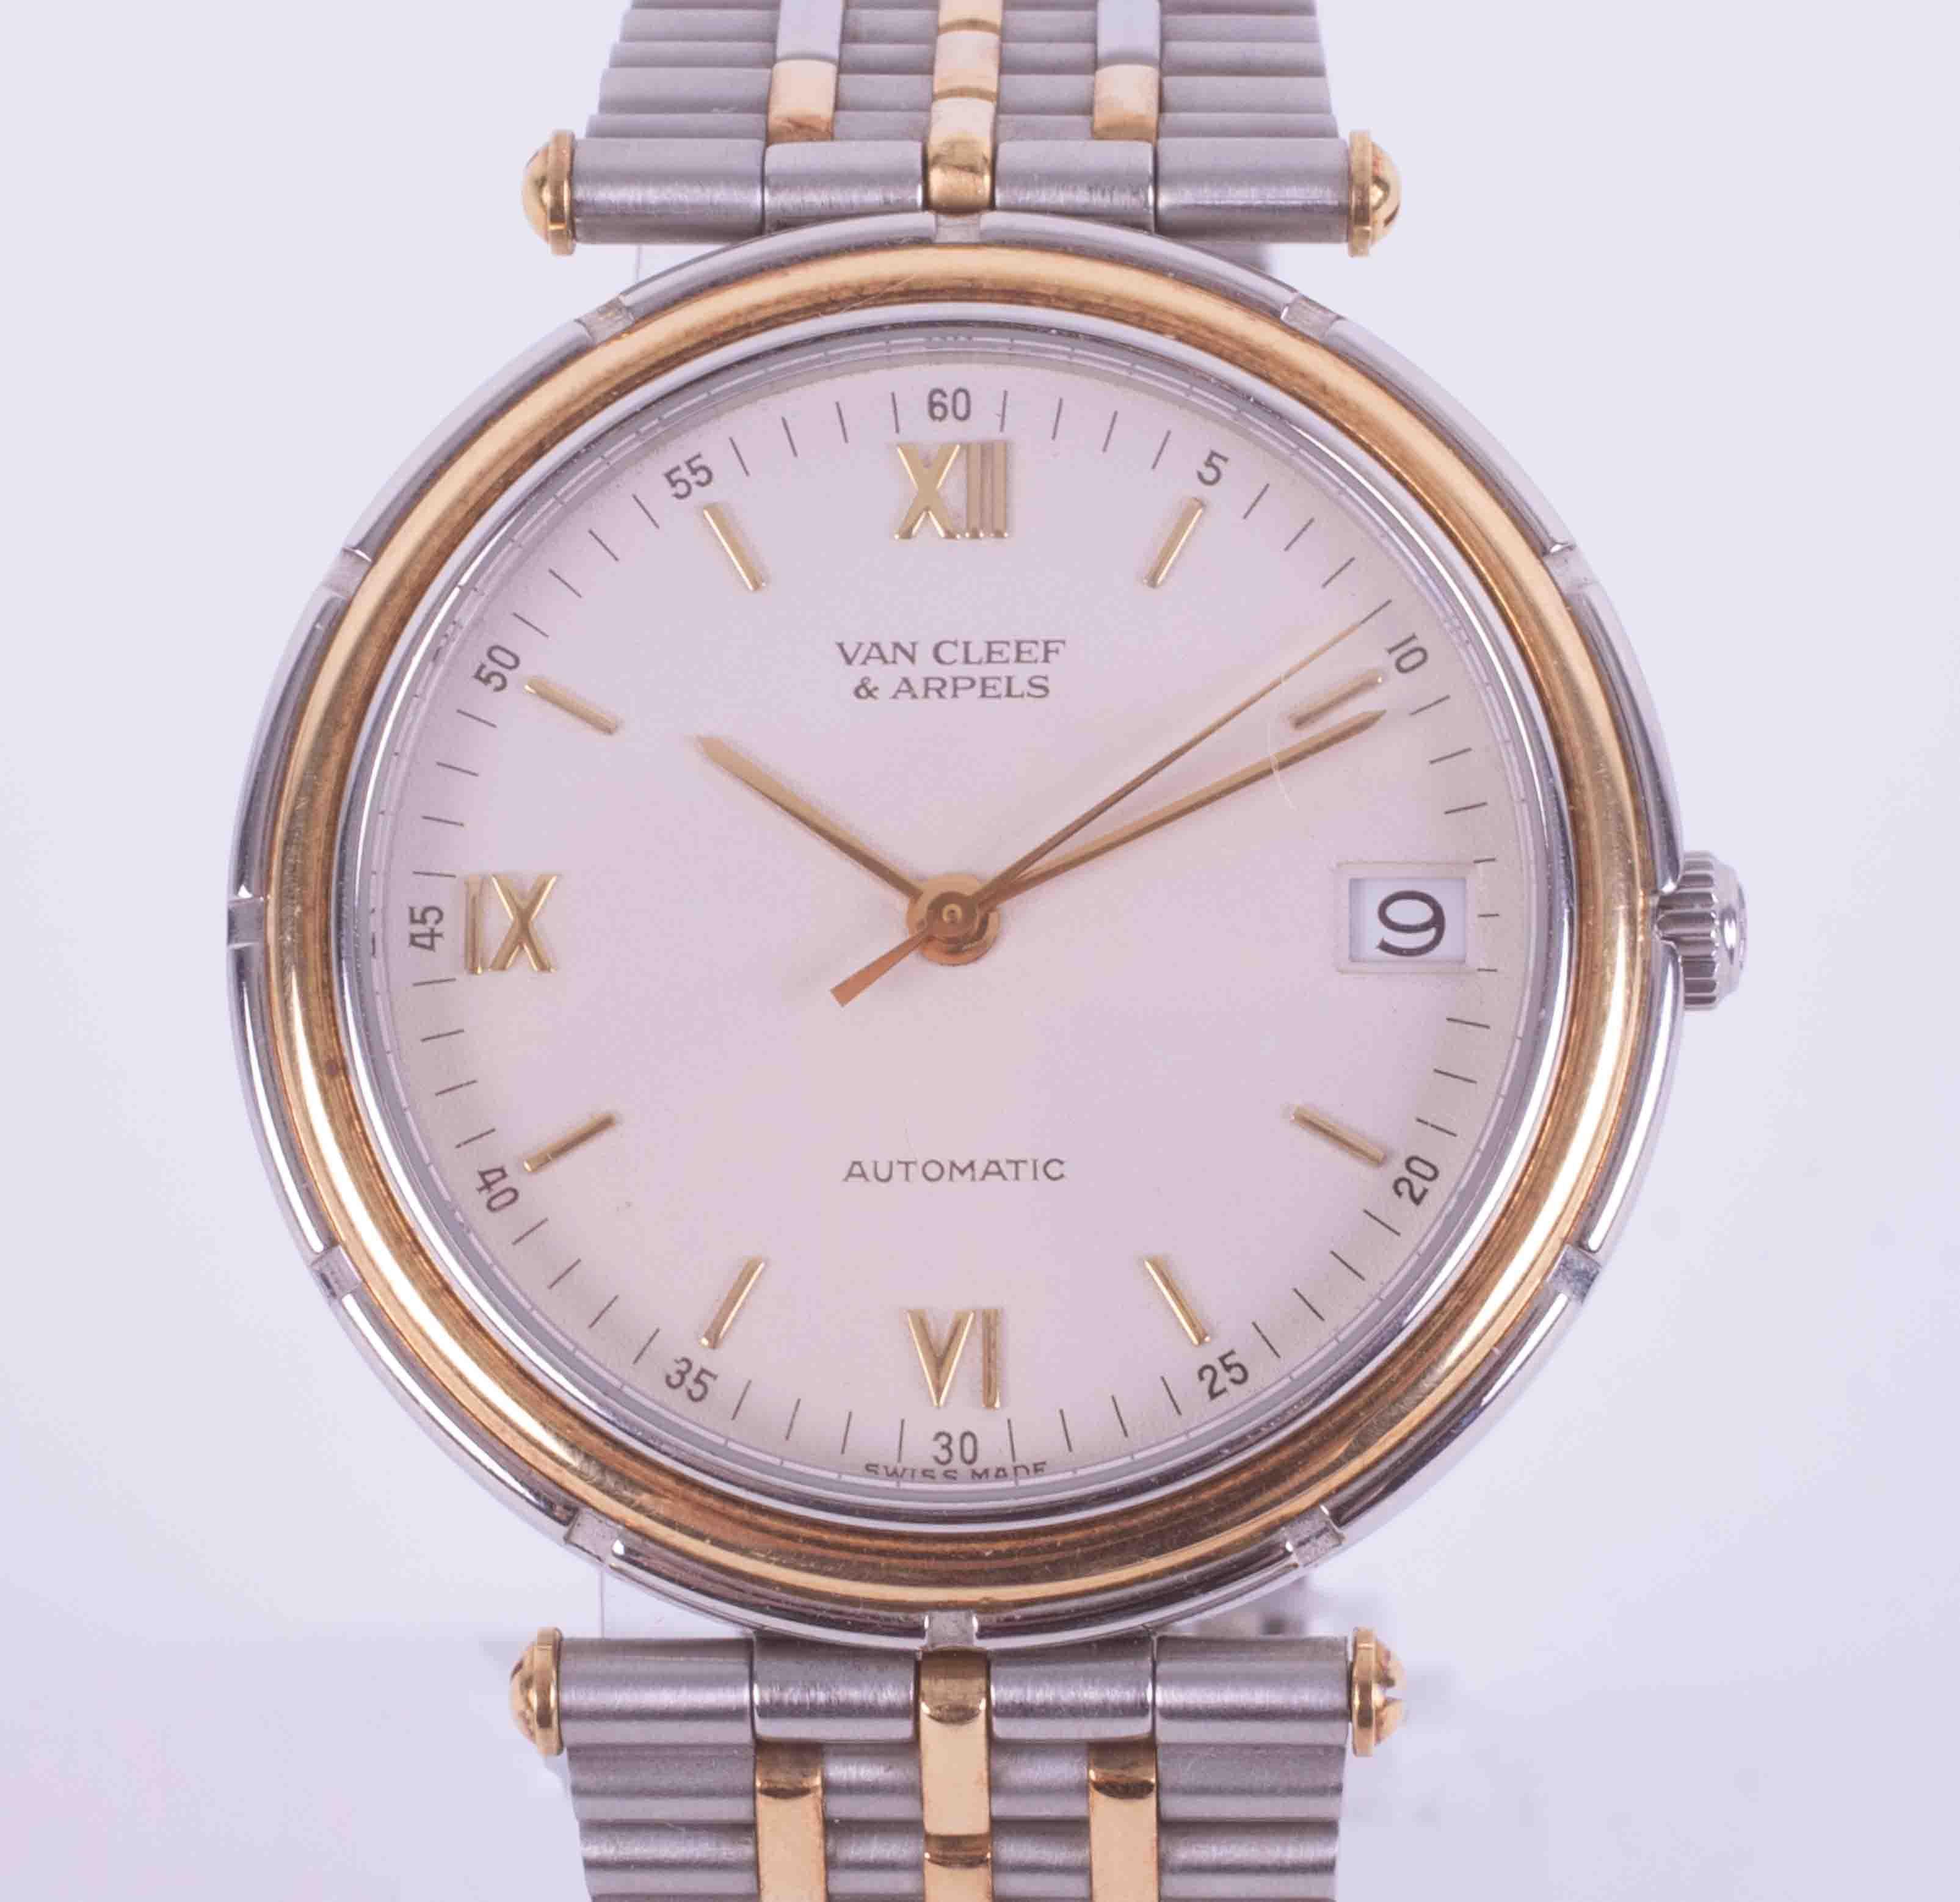 Van Cleef & Arpels (Paris), an 18ct and steel two tonne automatic date bracelet wristwatch, 'La